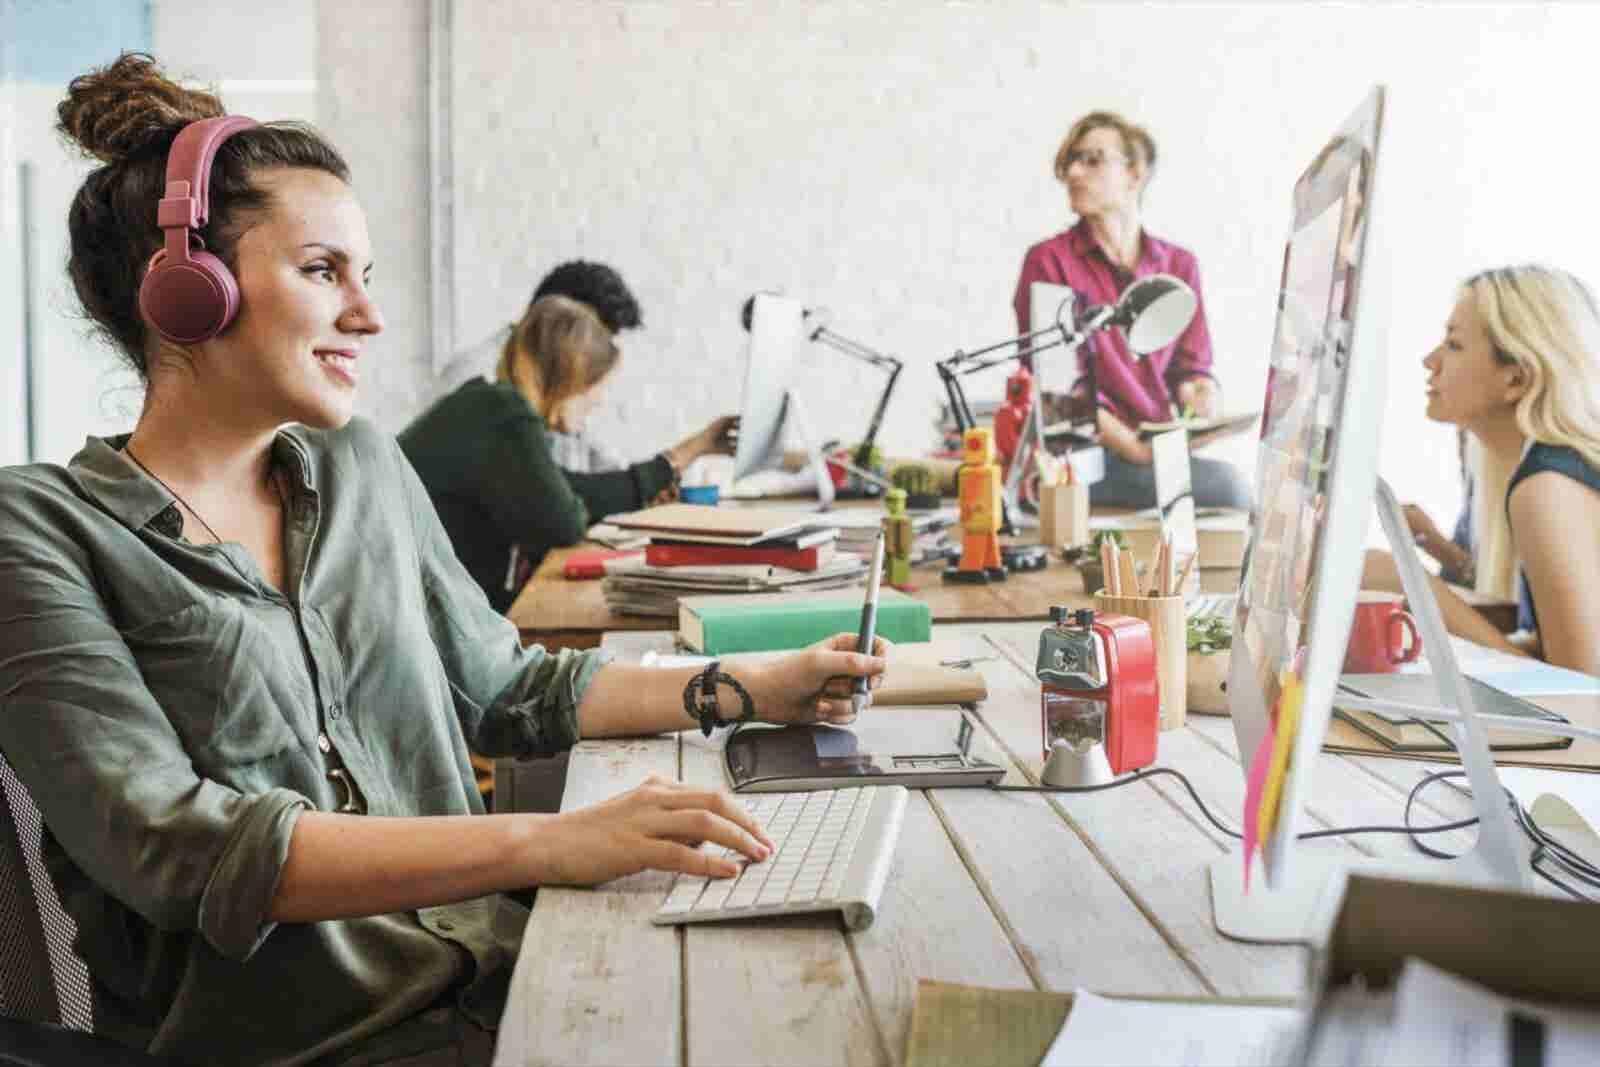 Lisbon Lures Tech Entrepreneurs With Carrot of EU Citizenship